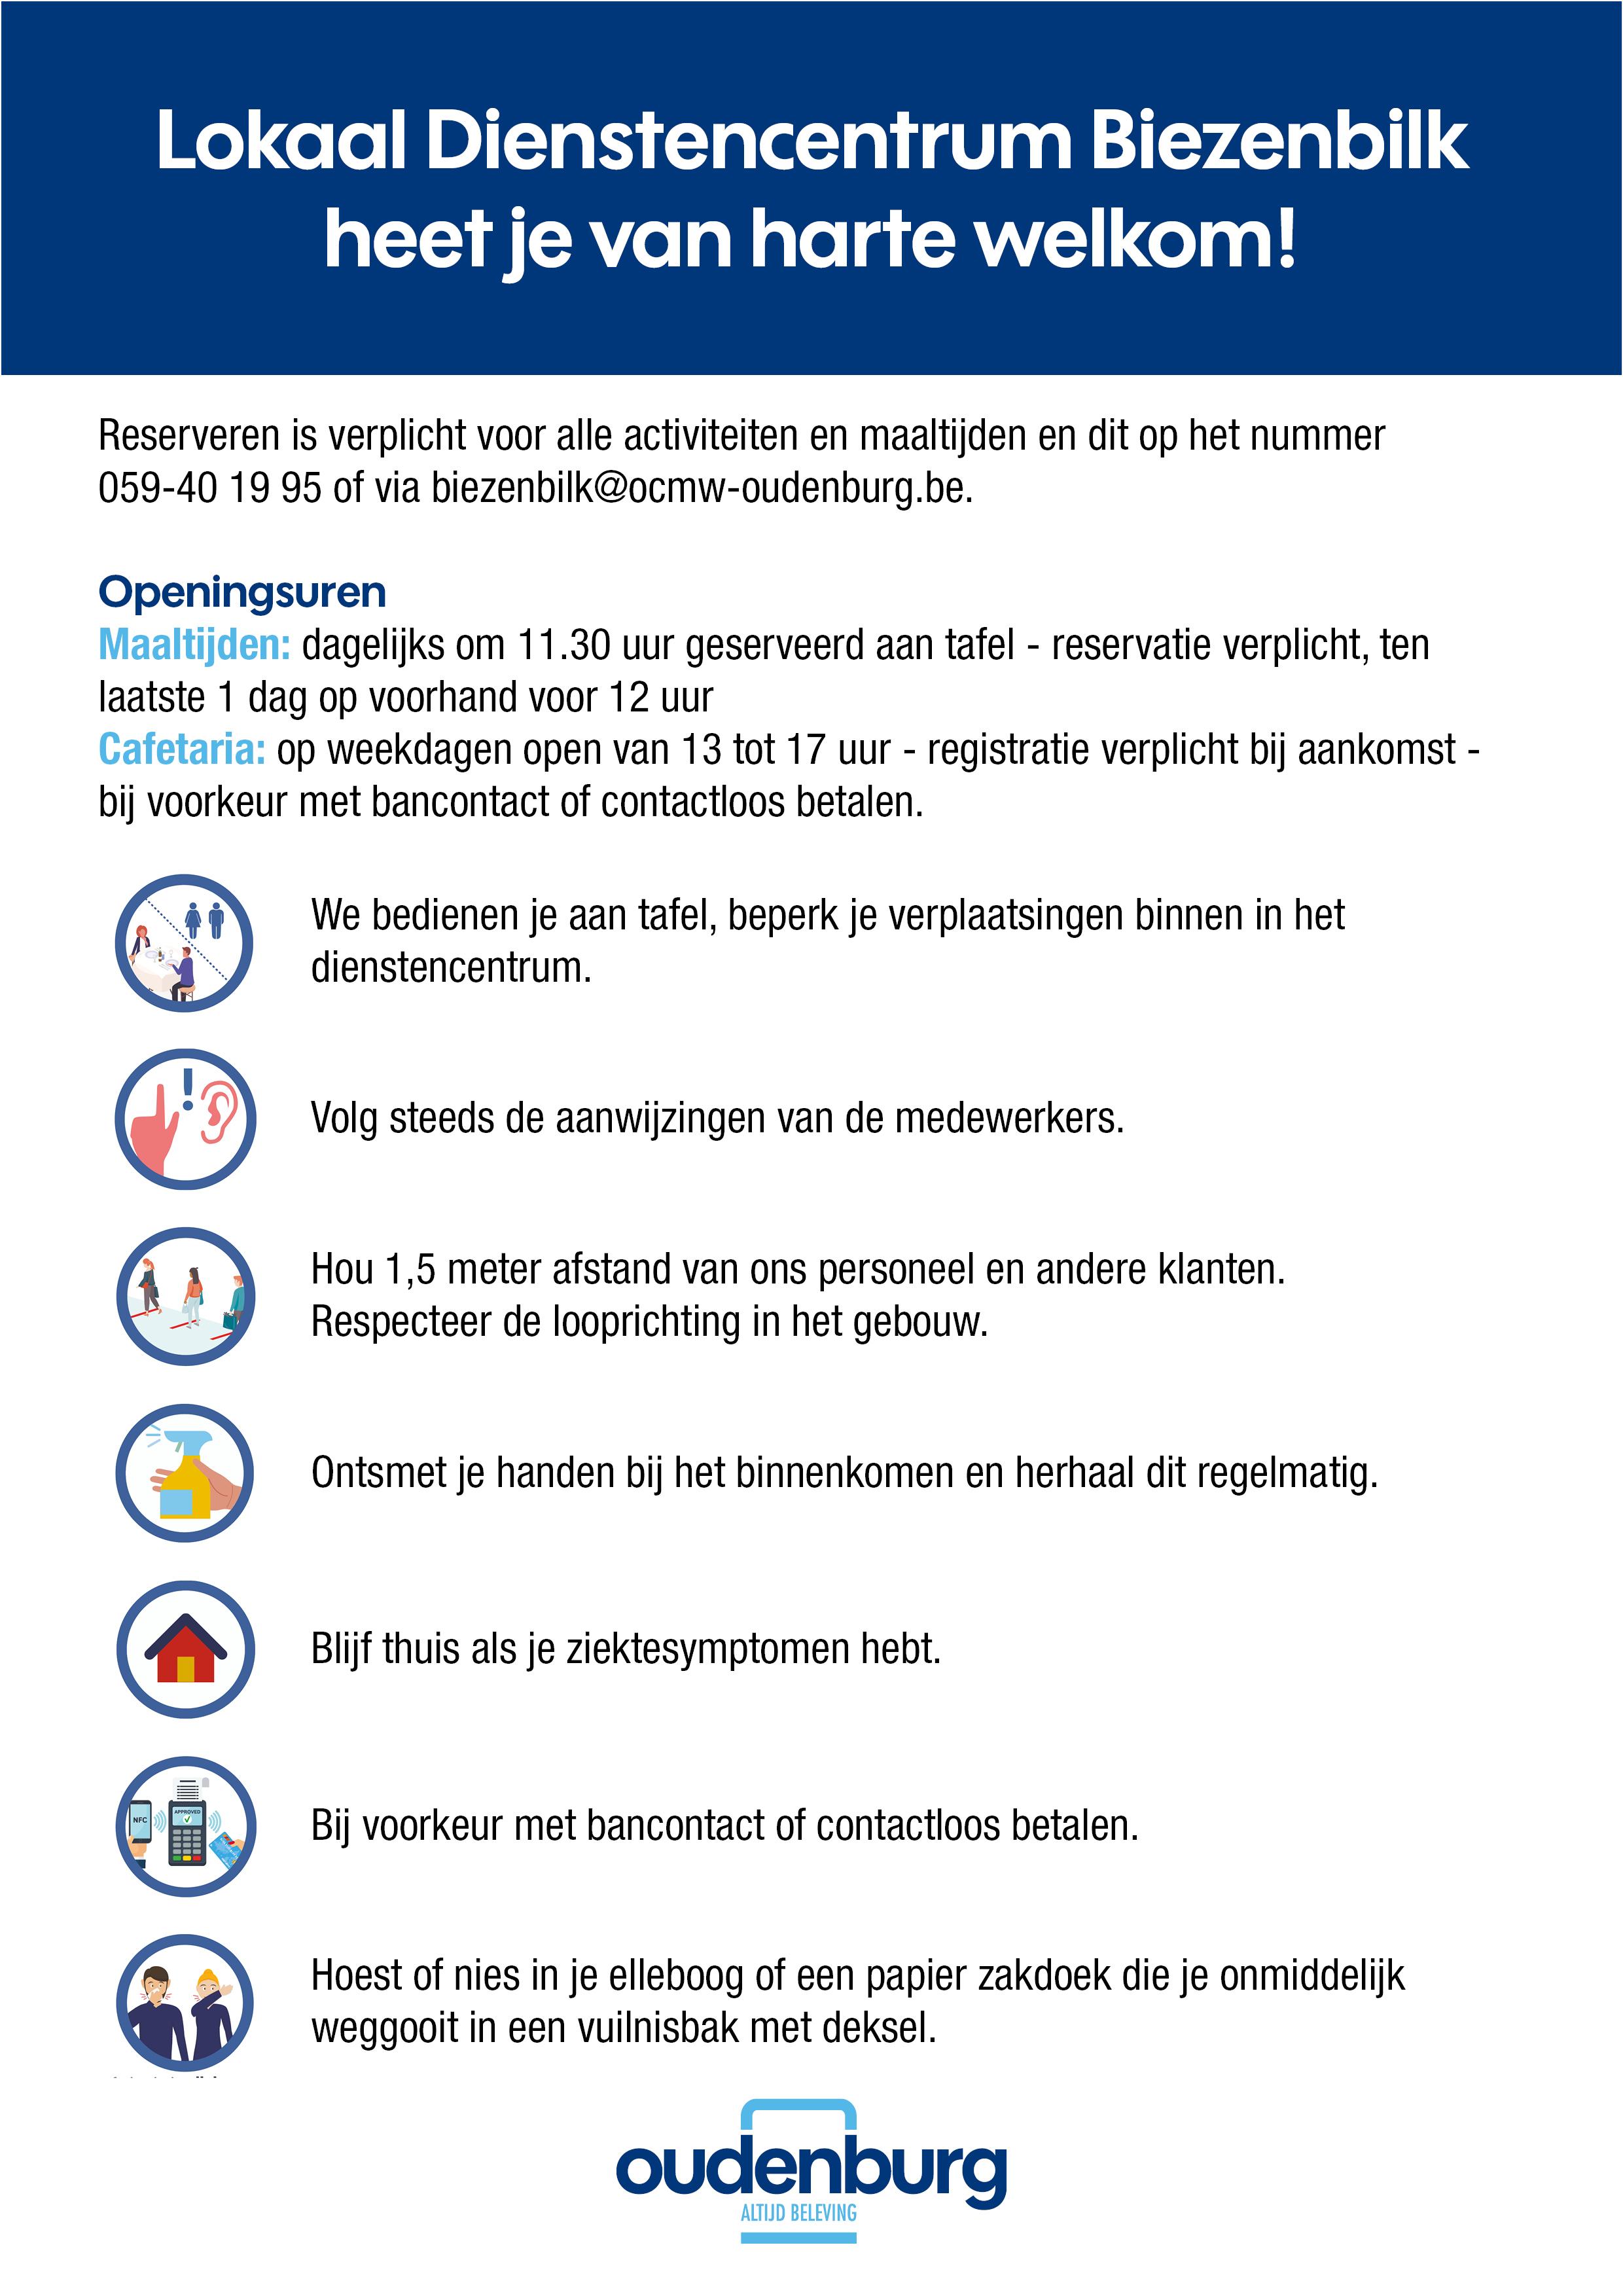 LDC Biezenbilk vanaf 1 juli 2020